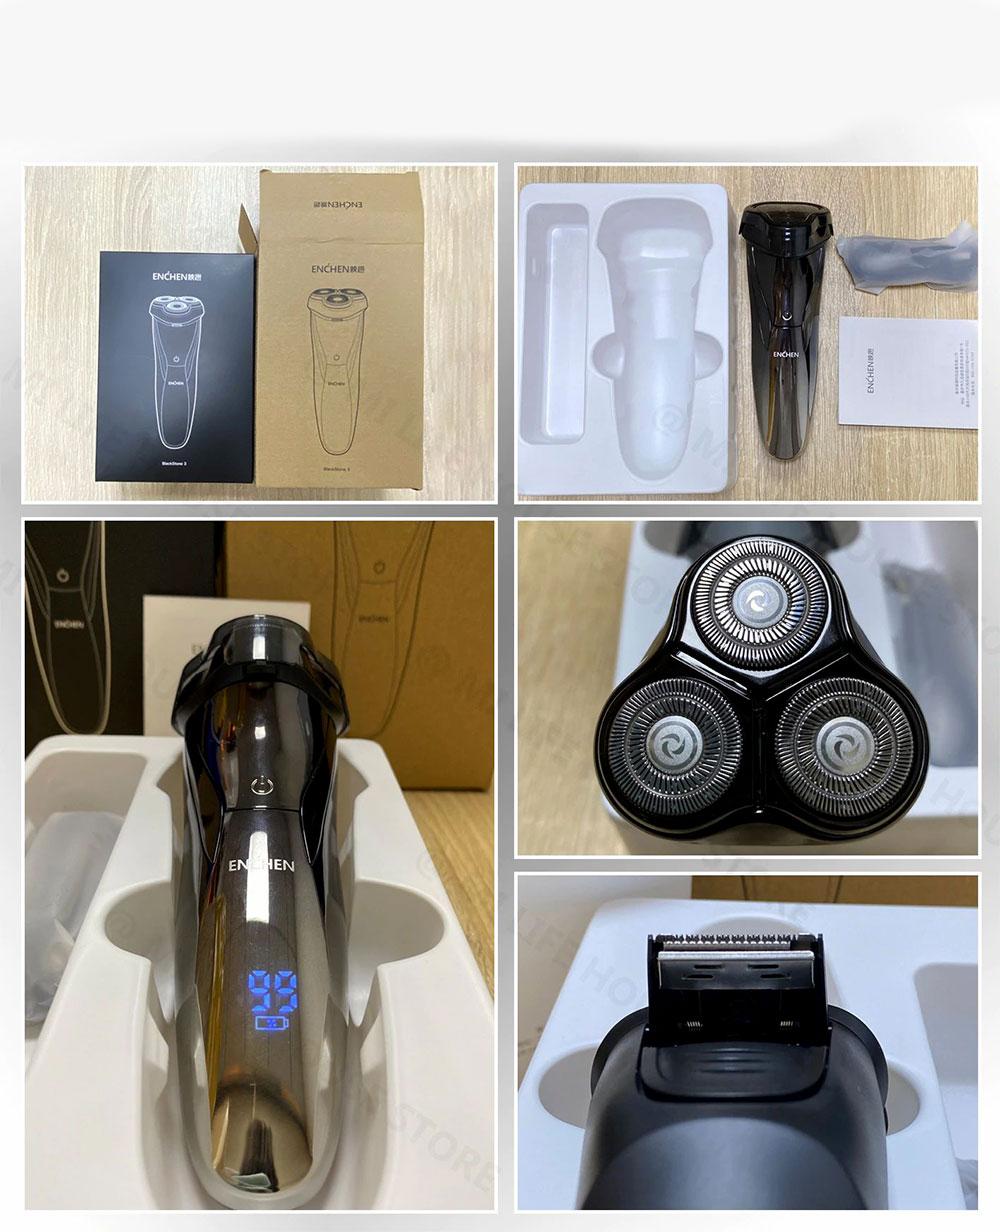 Máy Cạo Râu Xiaomi Enchen BlackStone 3 - Hàng Nhập Khẩu